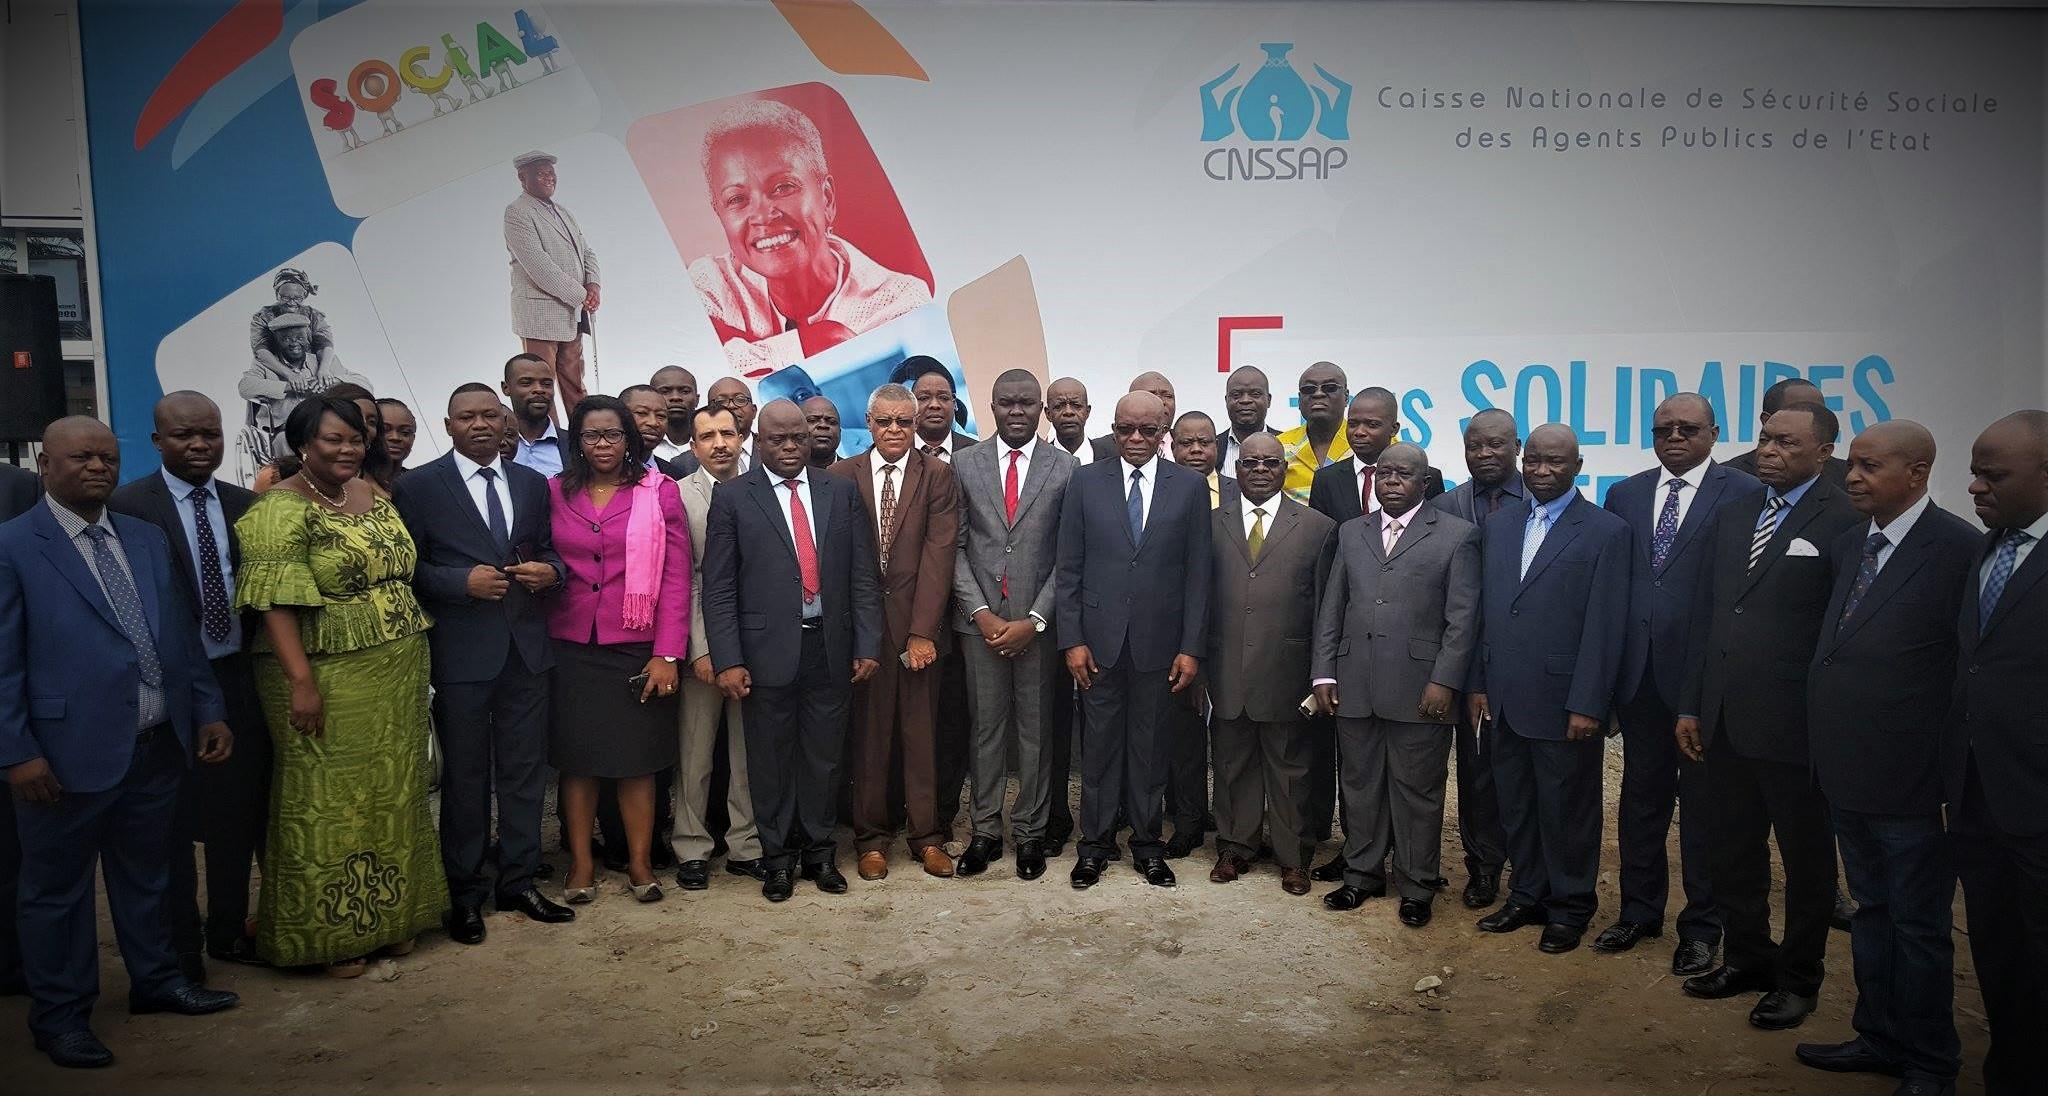 RDC : La CNSSAP démarre ses activités à Kinshasa